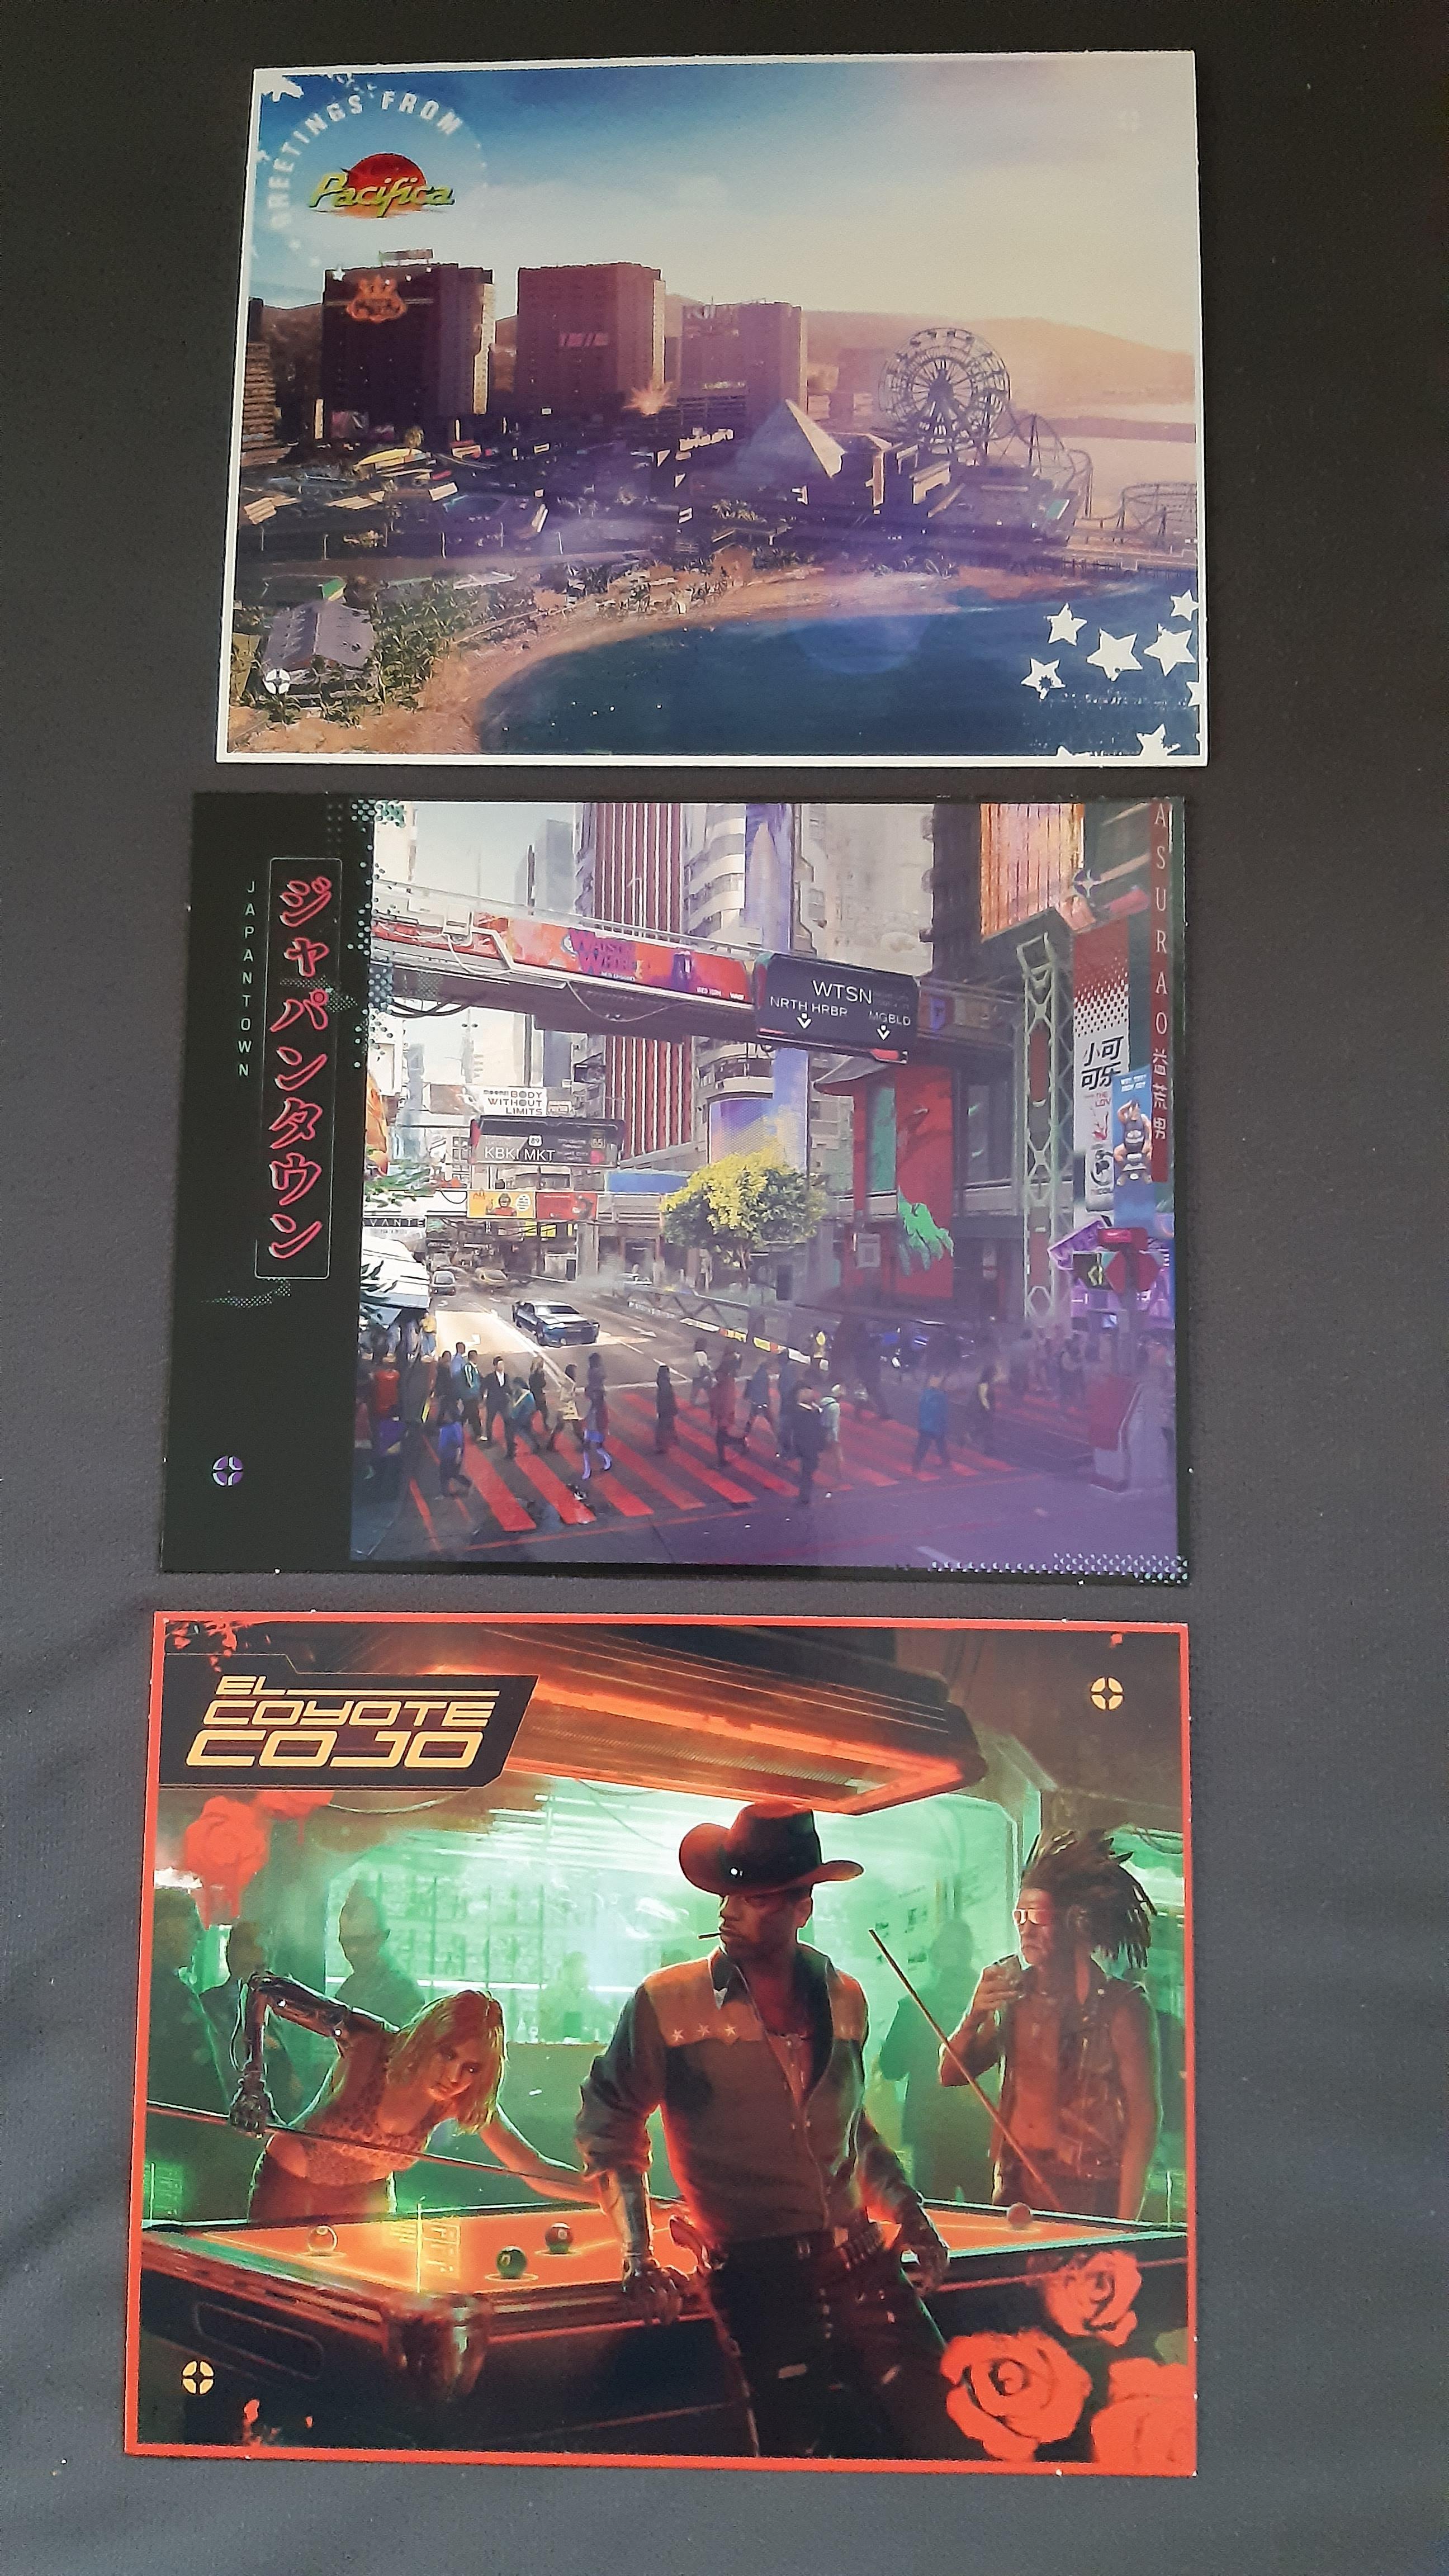 В сеть утекла карта Найт-Сити из коллекционного издания Cyberpunk 2077